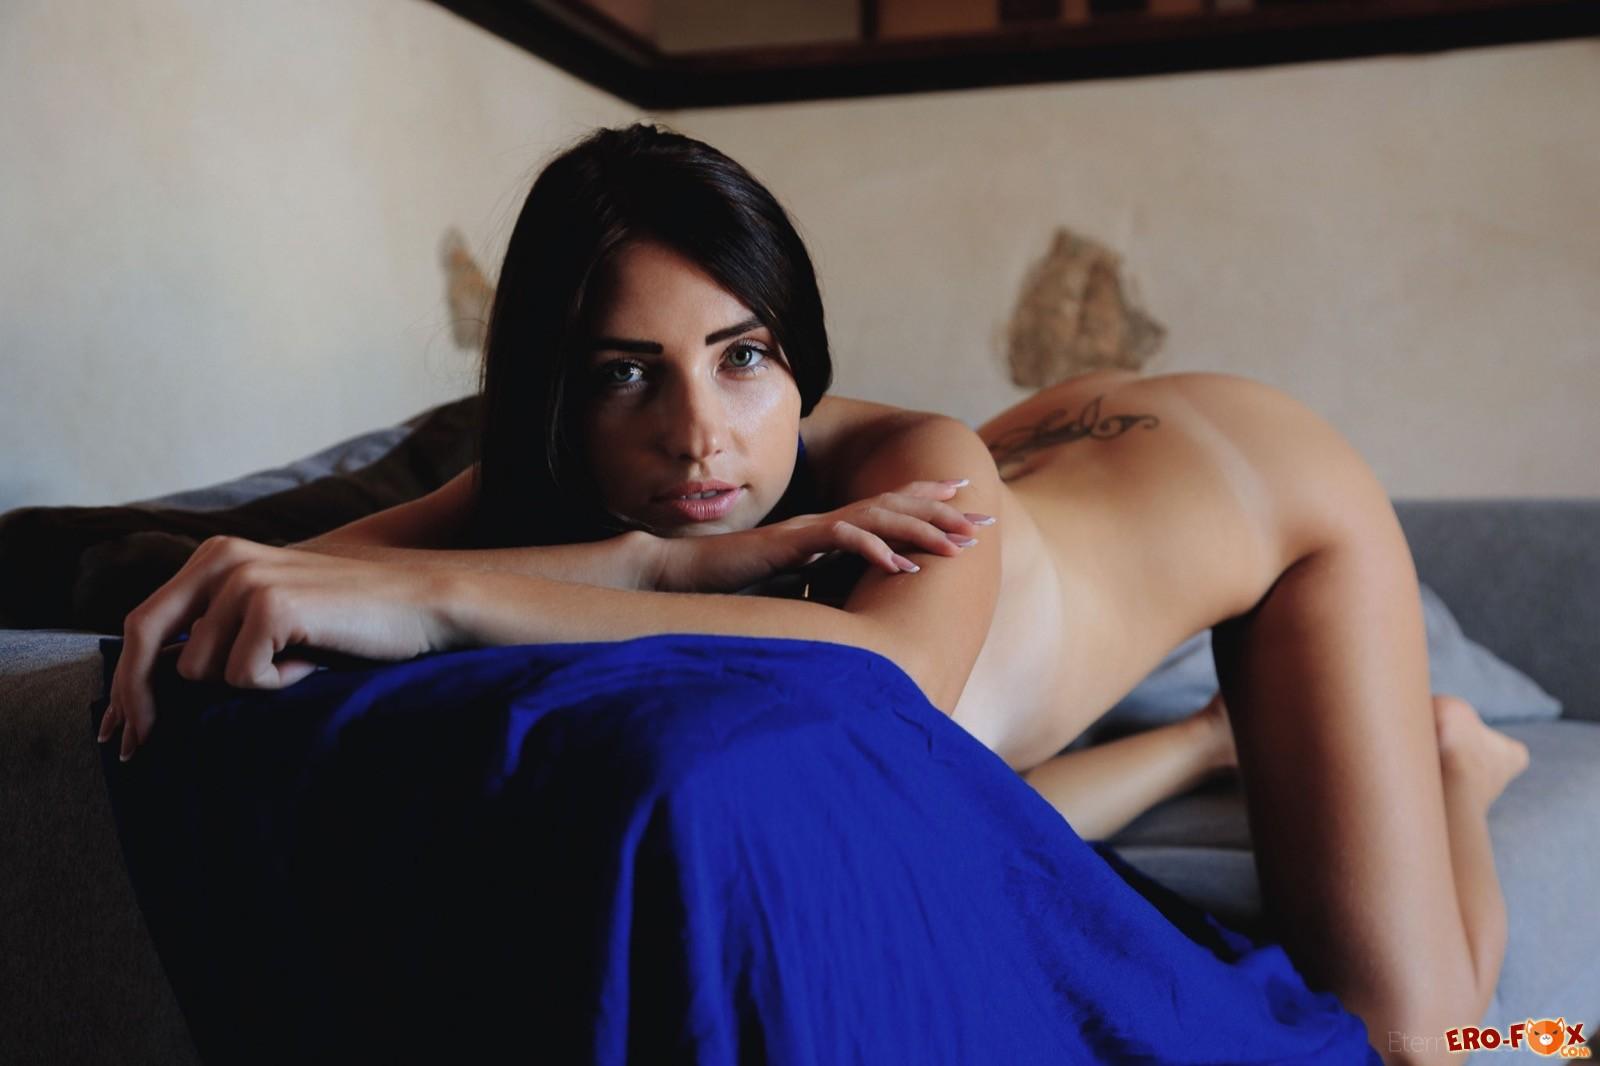 Раздетая сексапильная девица позирует на диване - фото